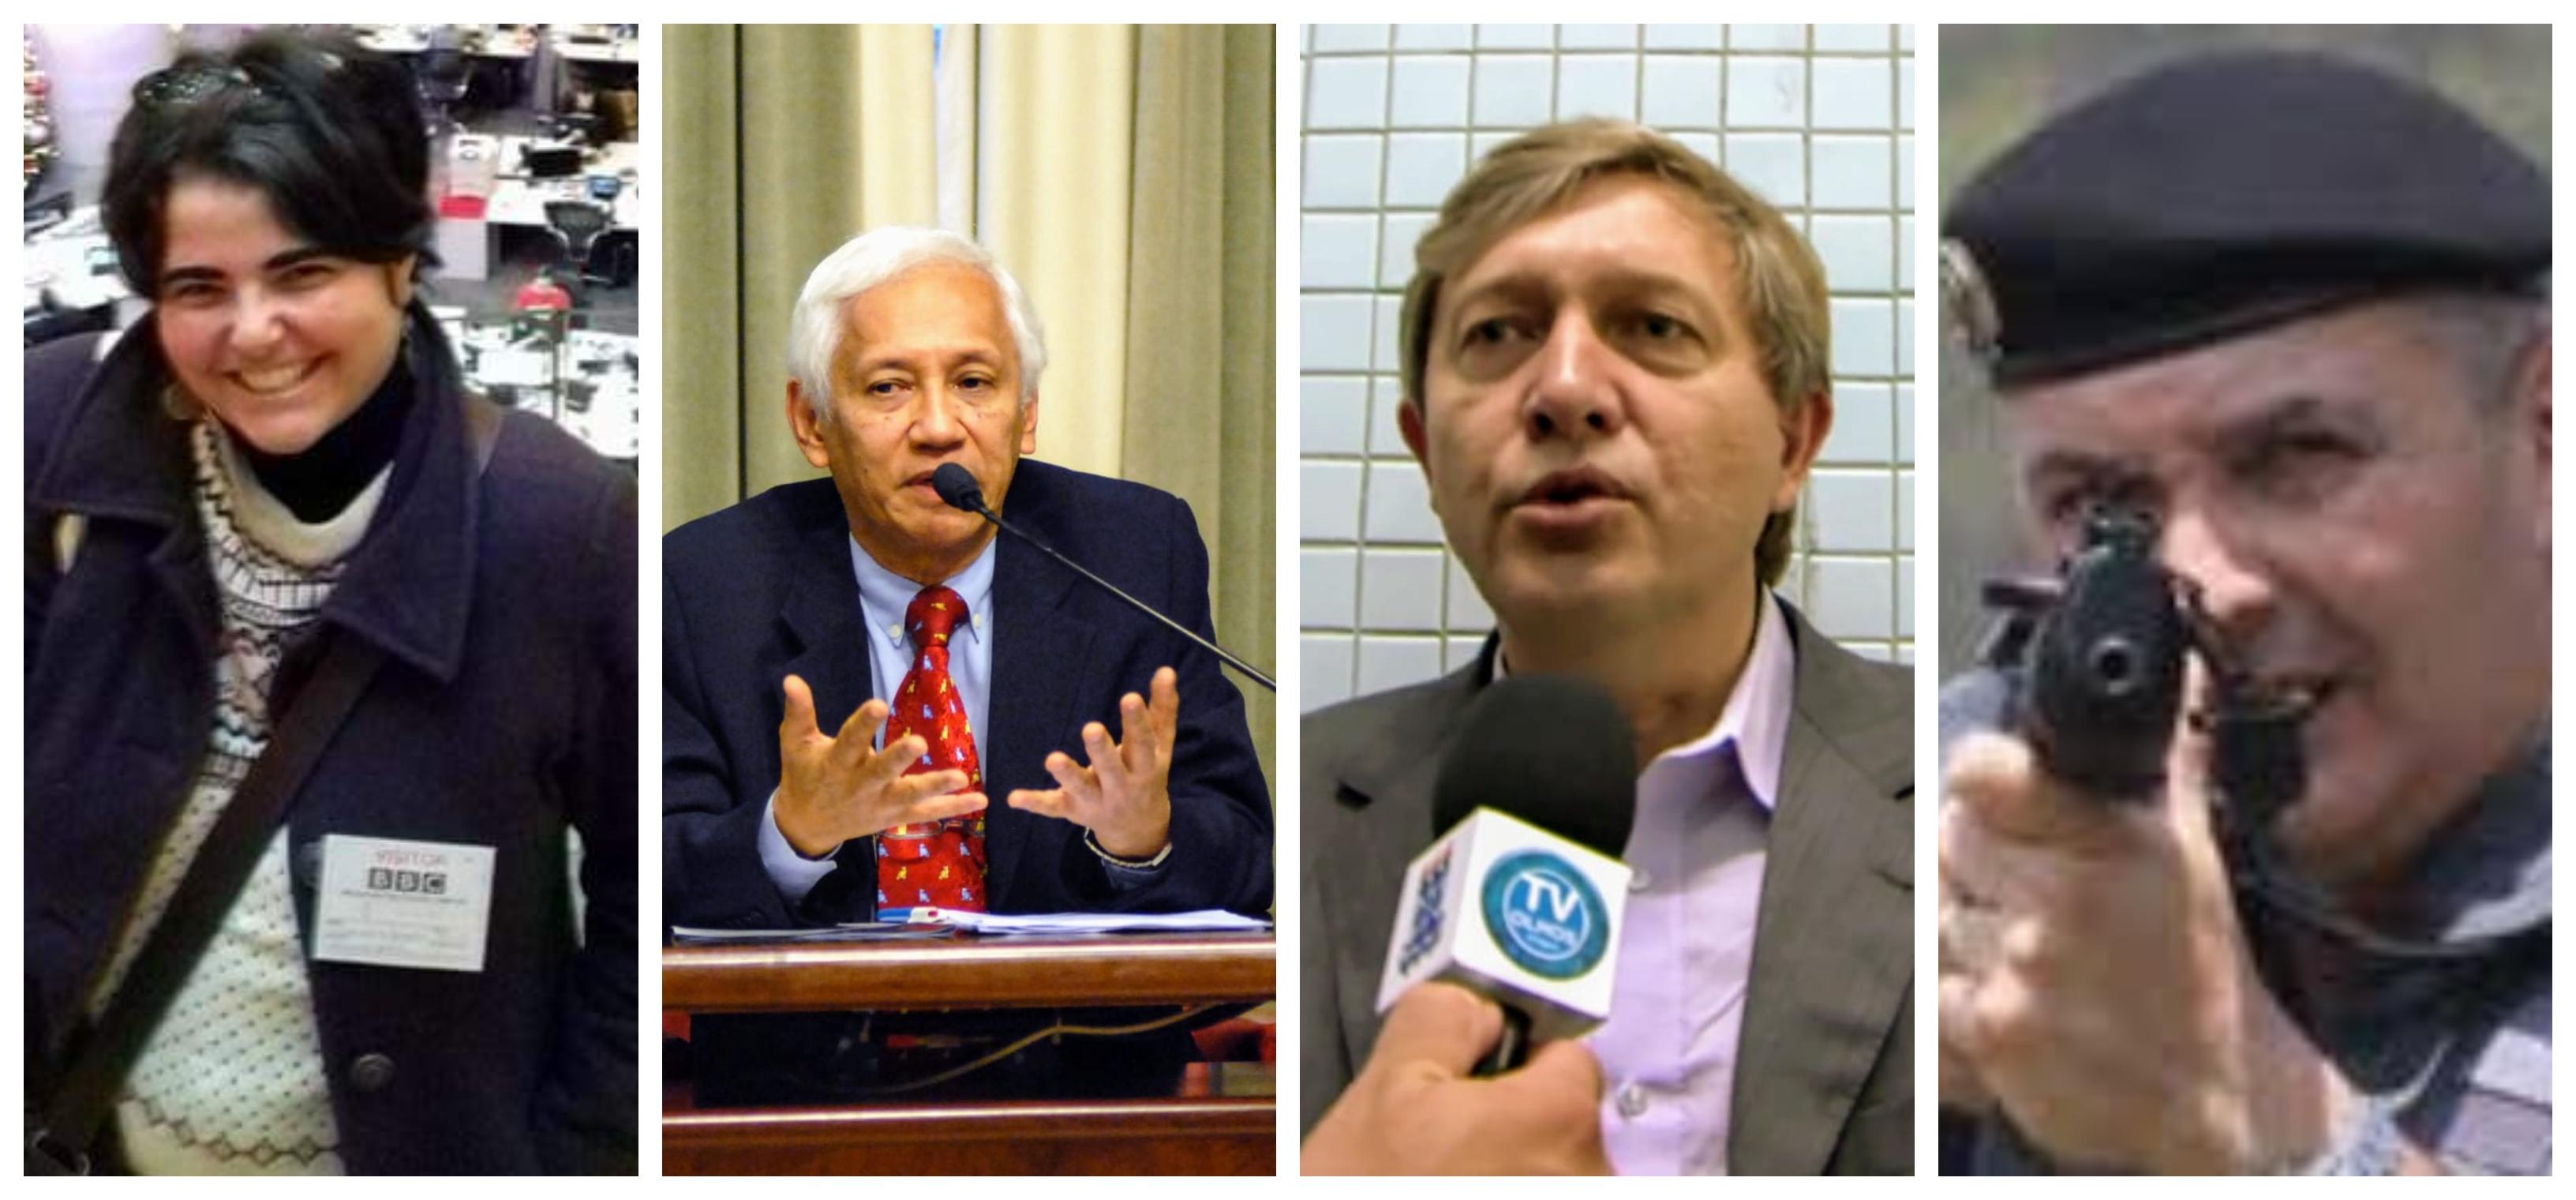 Por unanimidade, Telhada perde ação contra Lúcia Rodrigues, Viomundo e Brasil de Fato; ainda há juízes em SP, comemora Fon Filho